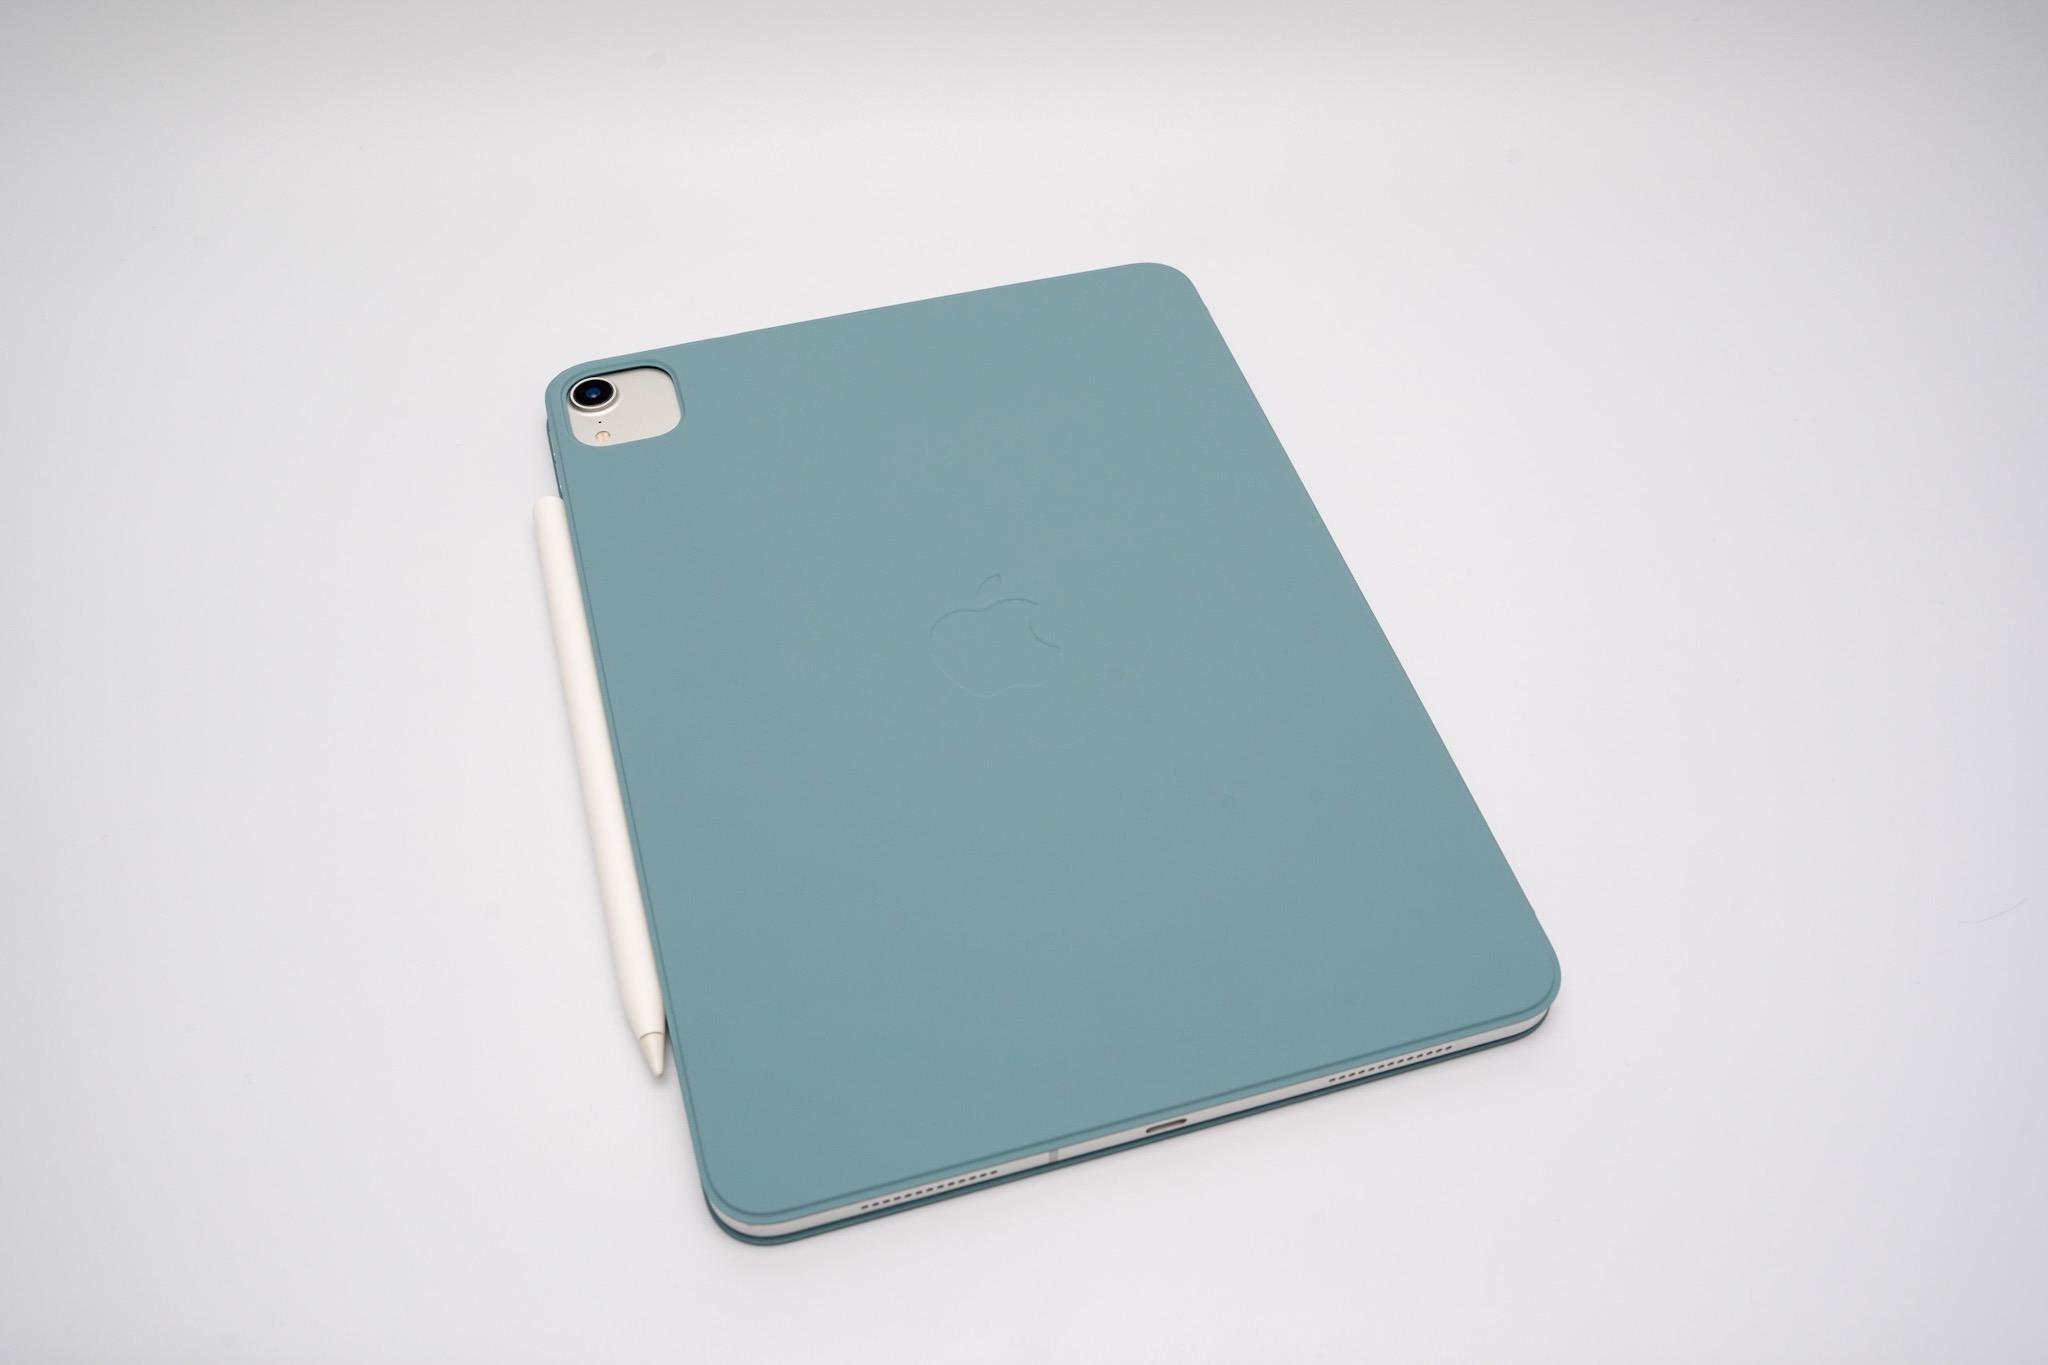 iPad Proをタブレットとして持ち運ぶなら軽くて薄い純正Smart Folioがオススメ